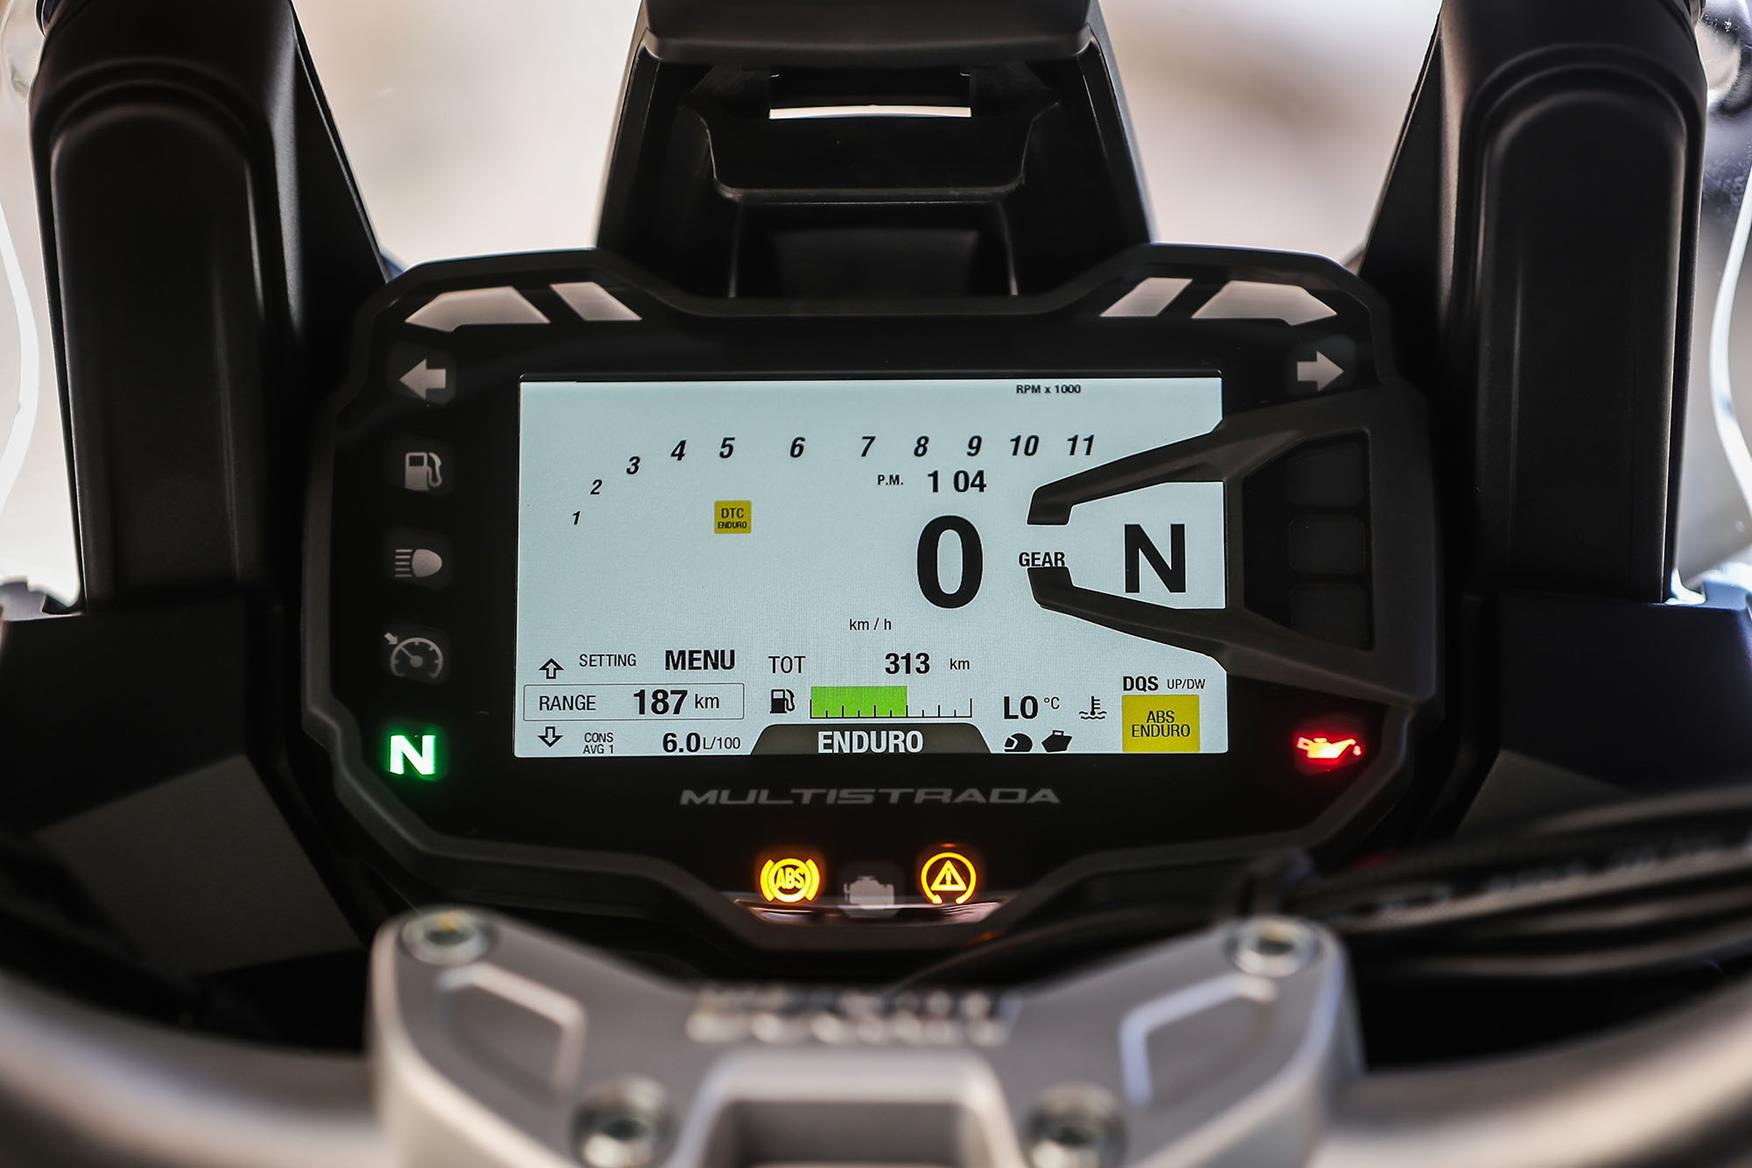 Ducati Multistrada 950 S dash